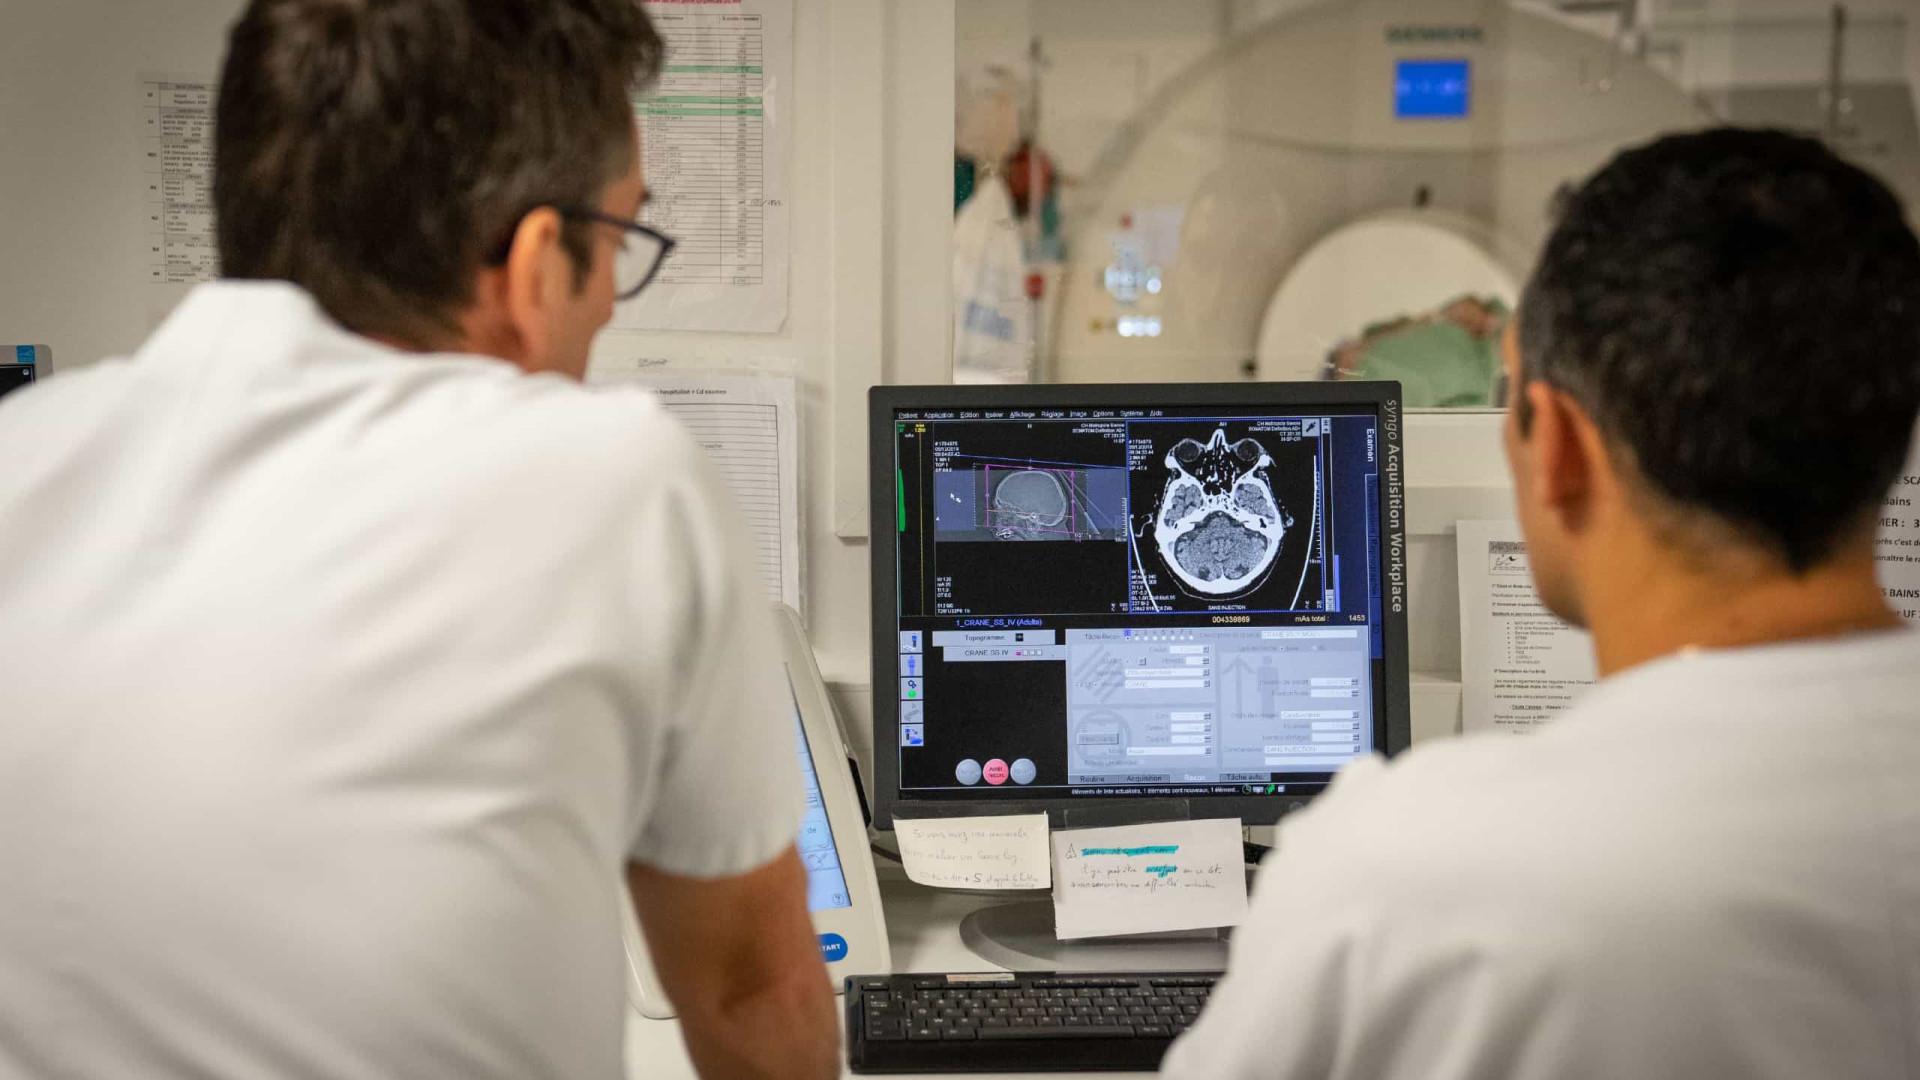 Médicos canadenses preocupados com doença neurológica desconhecida